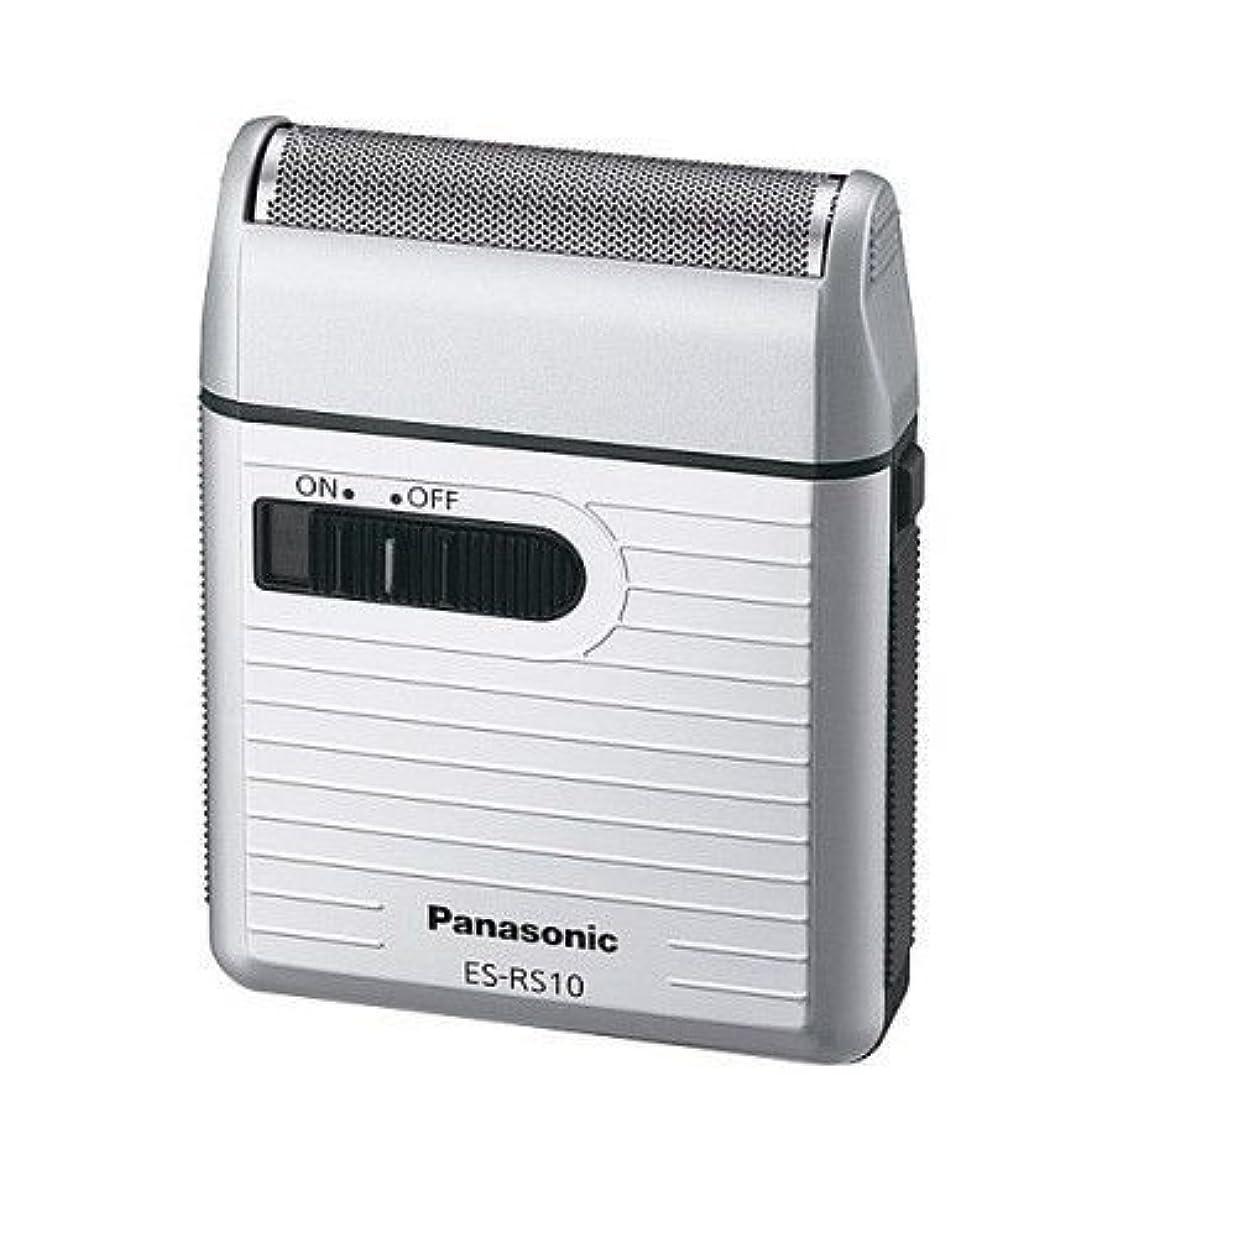 尋ねるデッキ推測Panasonic ES-RS10-S ンズポケットシェーバーシルバー ESRS10 日本製 [並行輸入品]